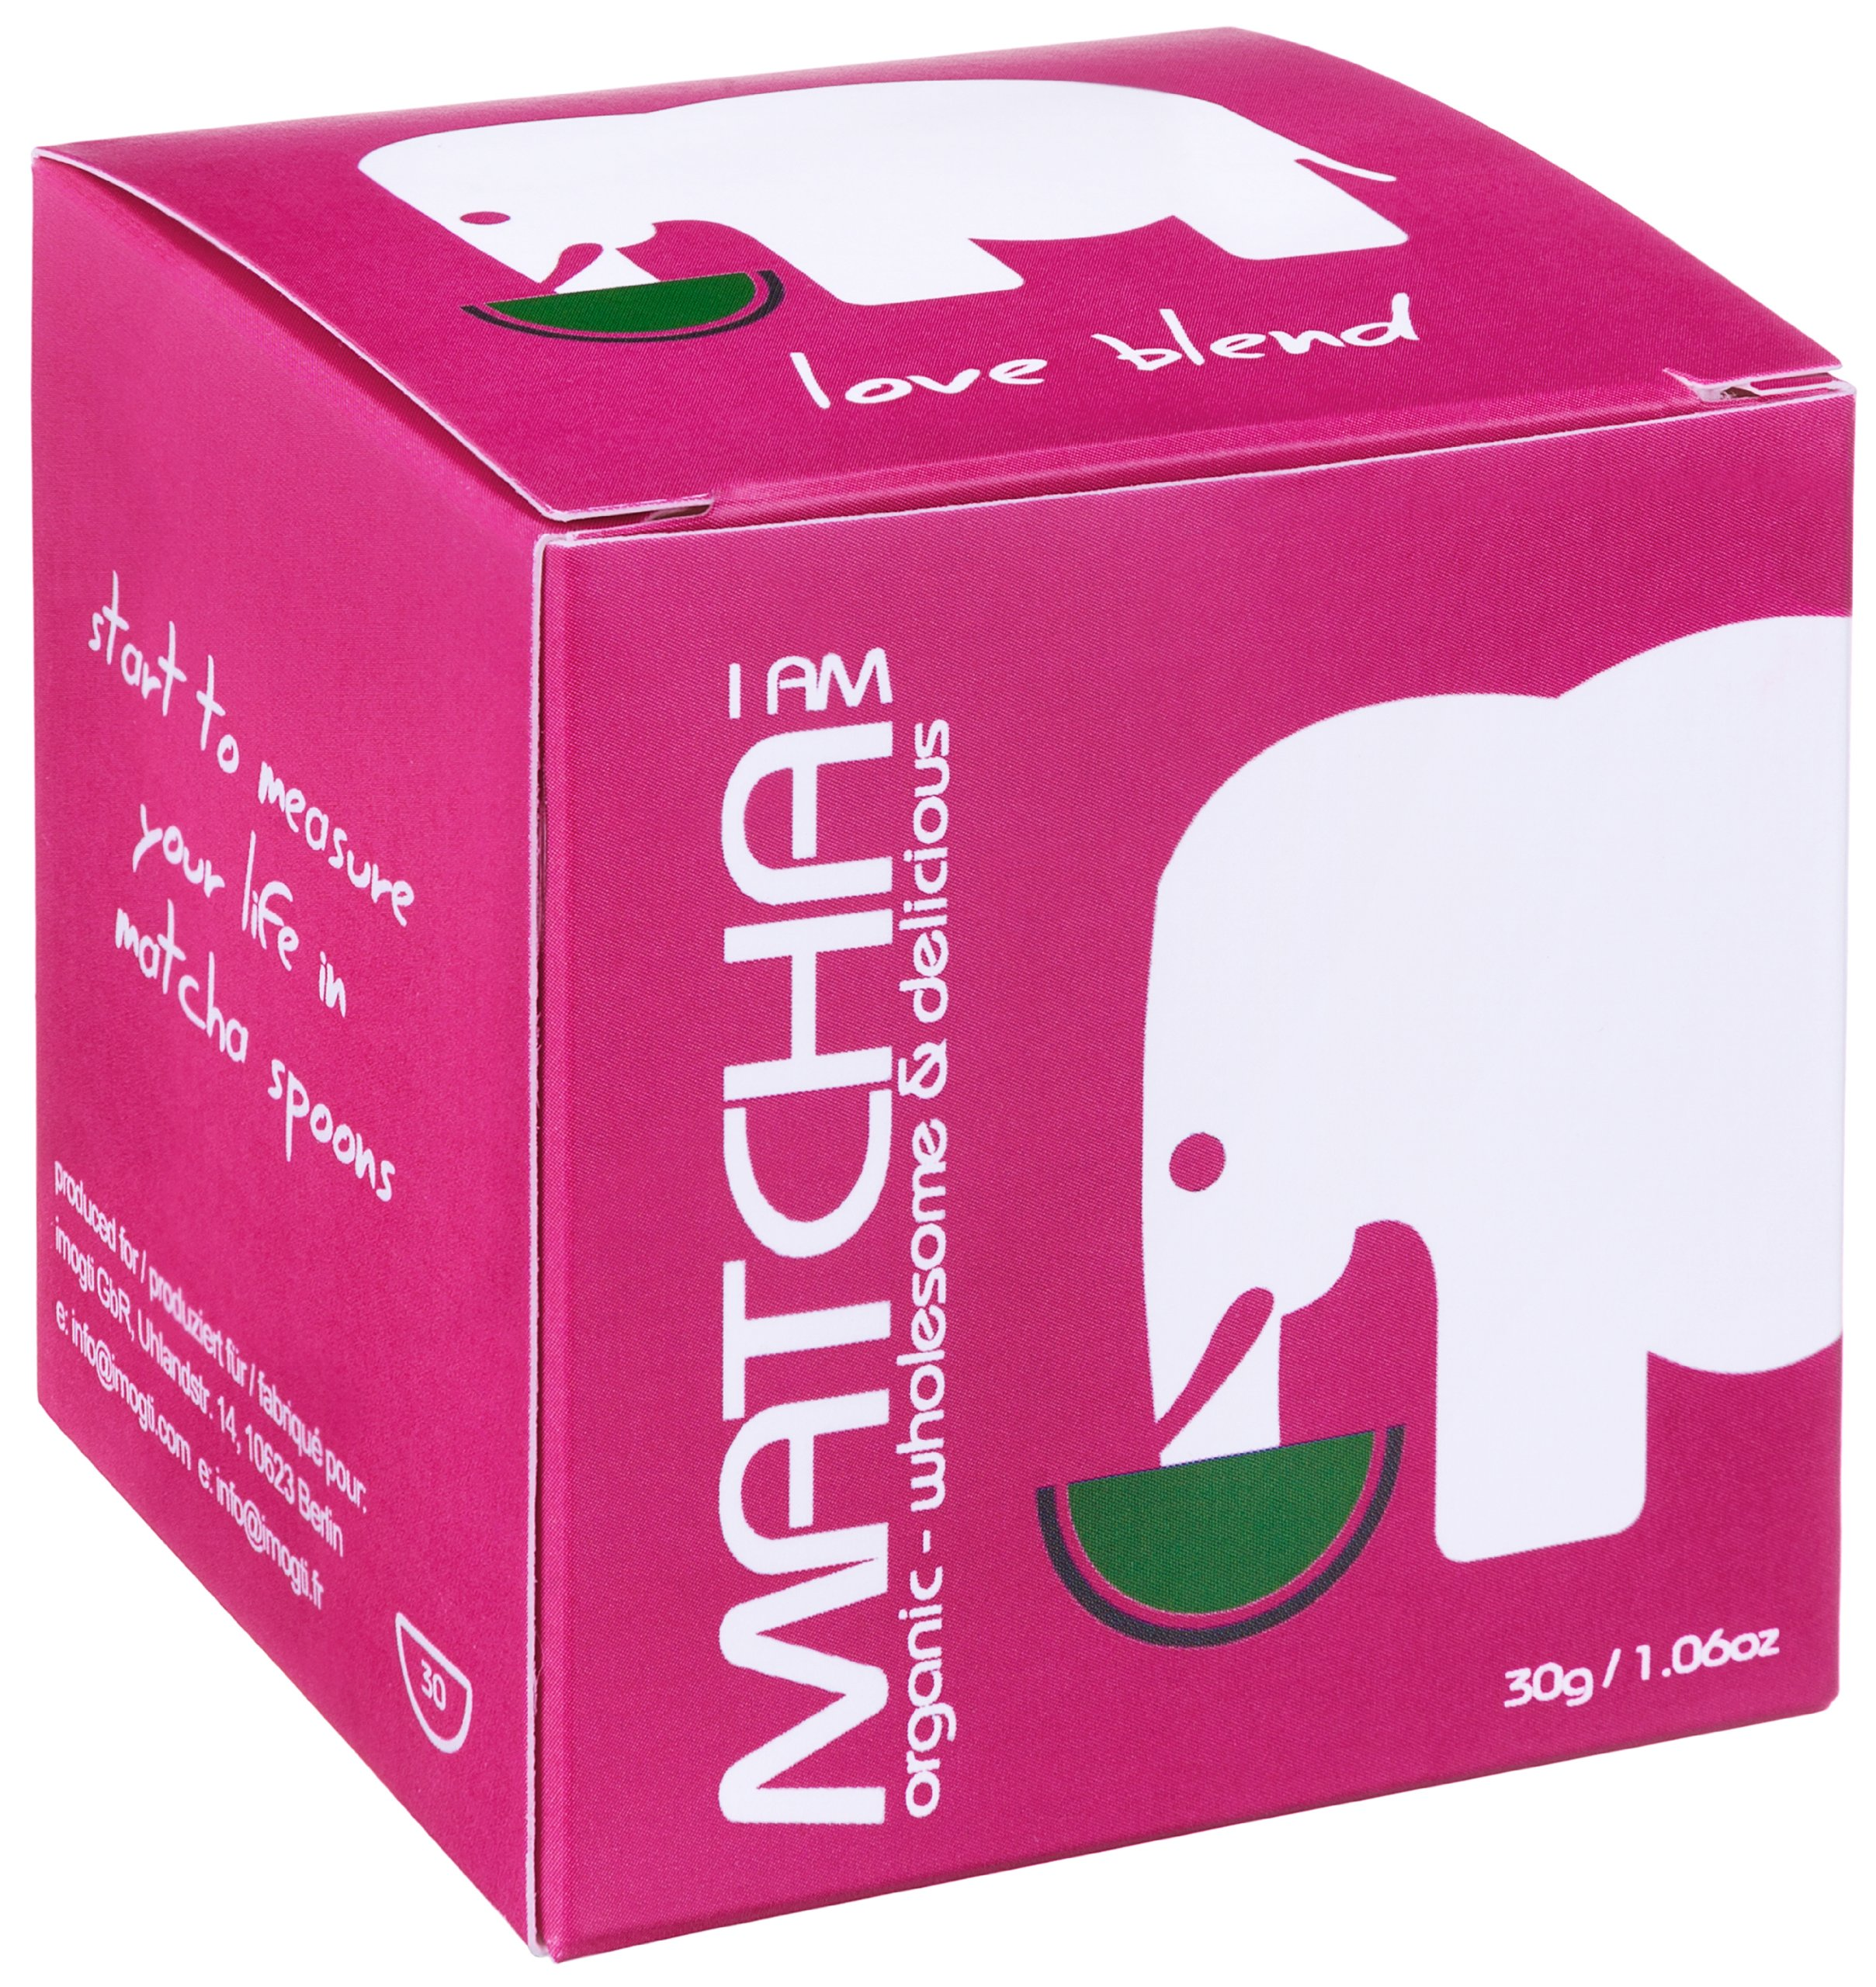 SOMMERAKTION-30g-Original-BIO-VEGAN-Matcha-Starter-Set-Markenprodukt-von-imogti-DLG-Prmiert-2016-30g-original-Bio-Matcha-Original-Matcha-Bambusbesen-Matcha-Lffel-geschenkt